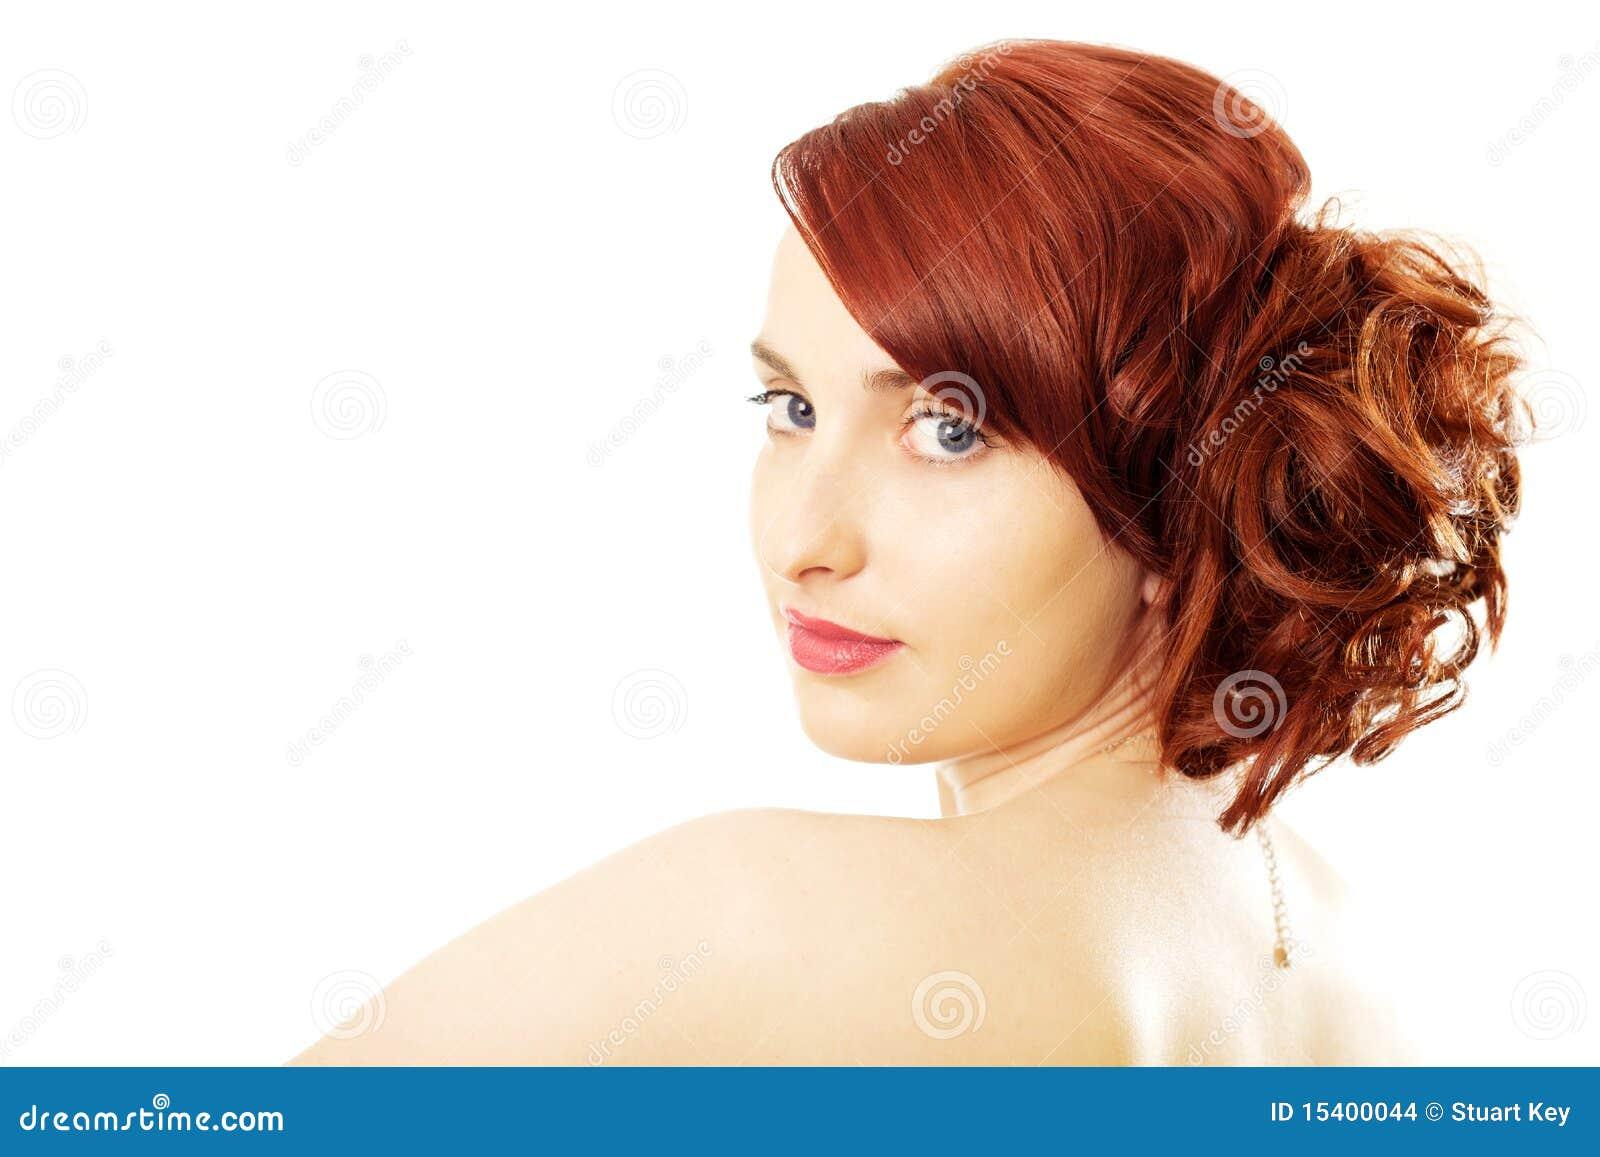 Rode haarschoonheid